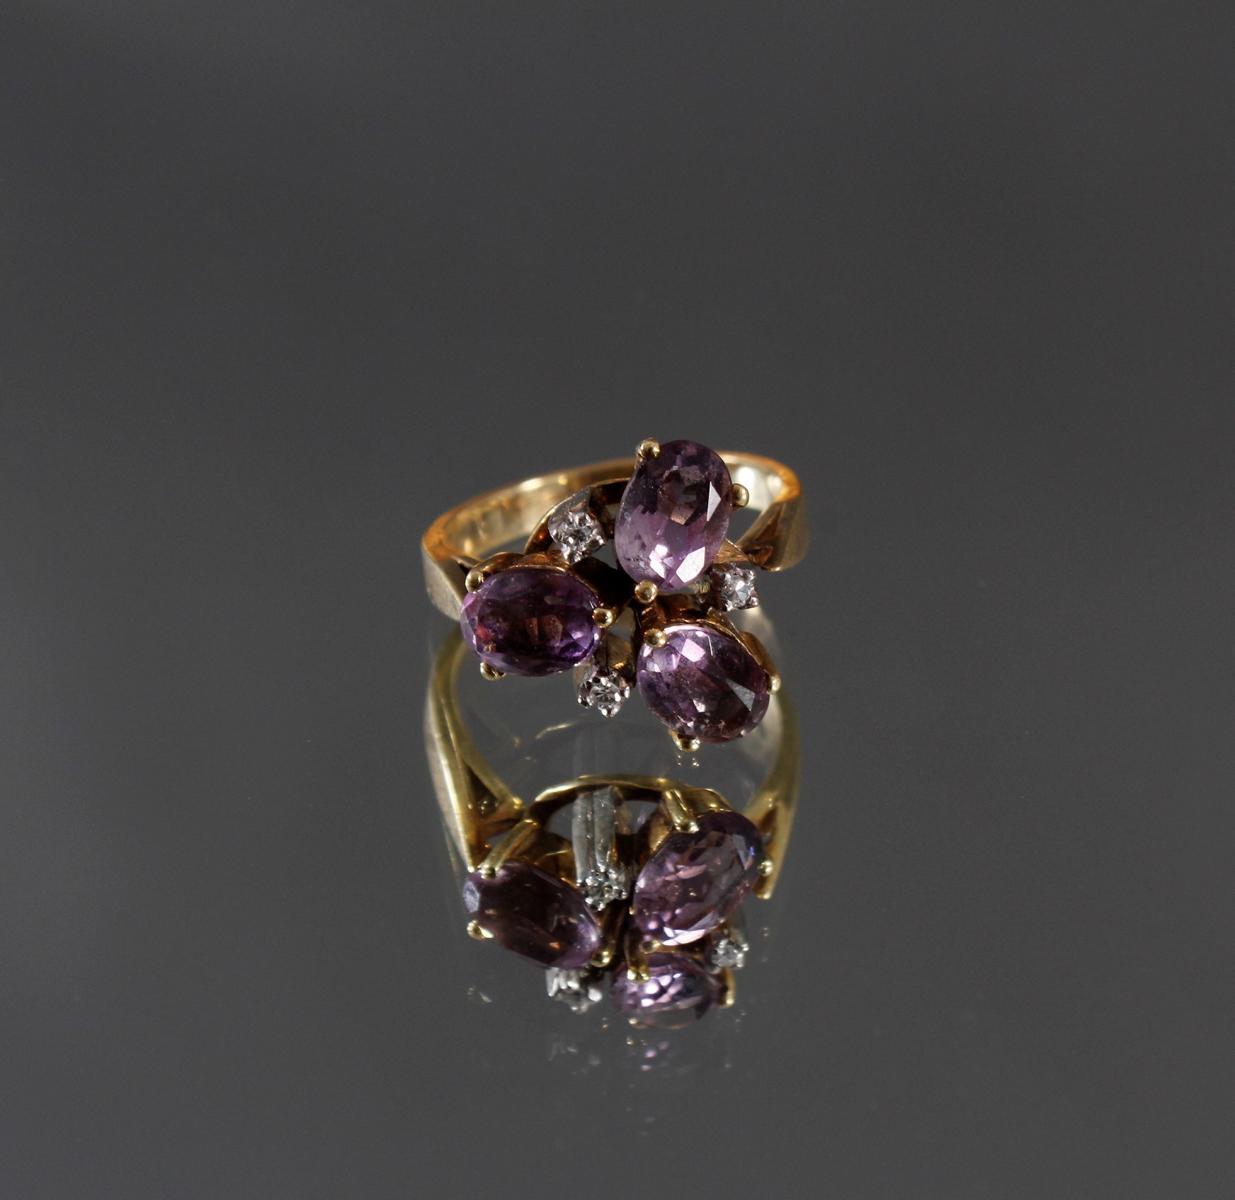 Damenring mit 3 kleinen Diamanten und 3 facettierten Amethysten, 14 kt Gelbgold-2